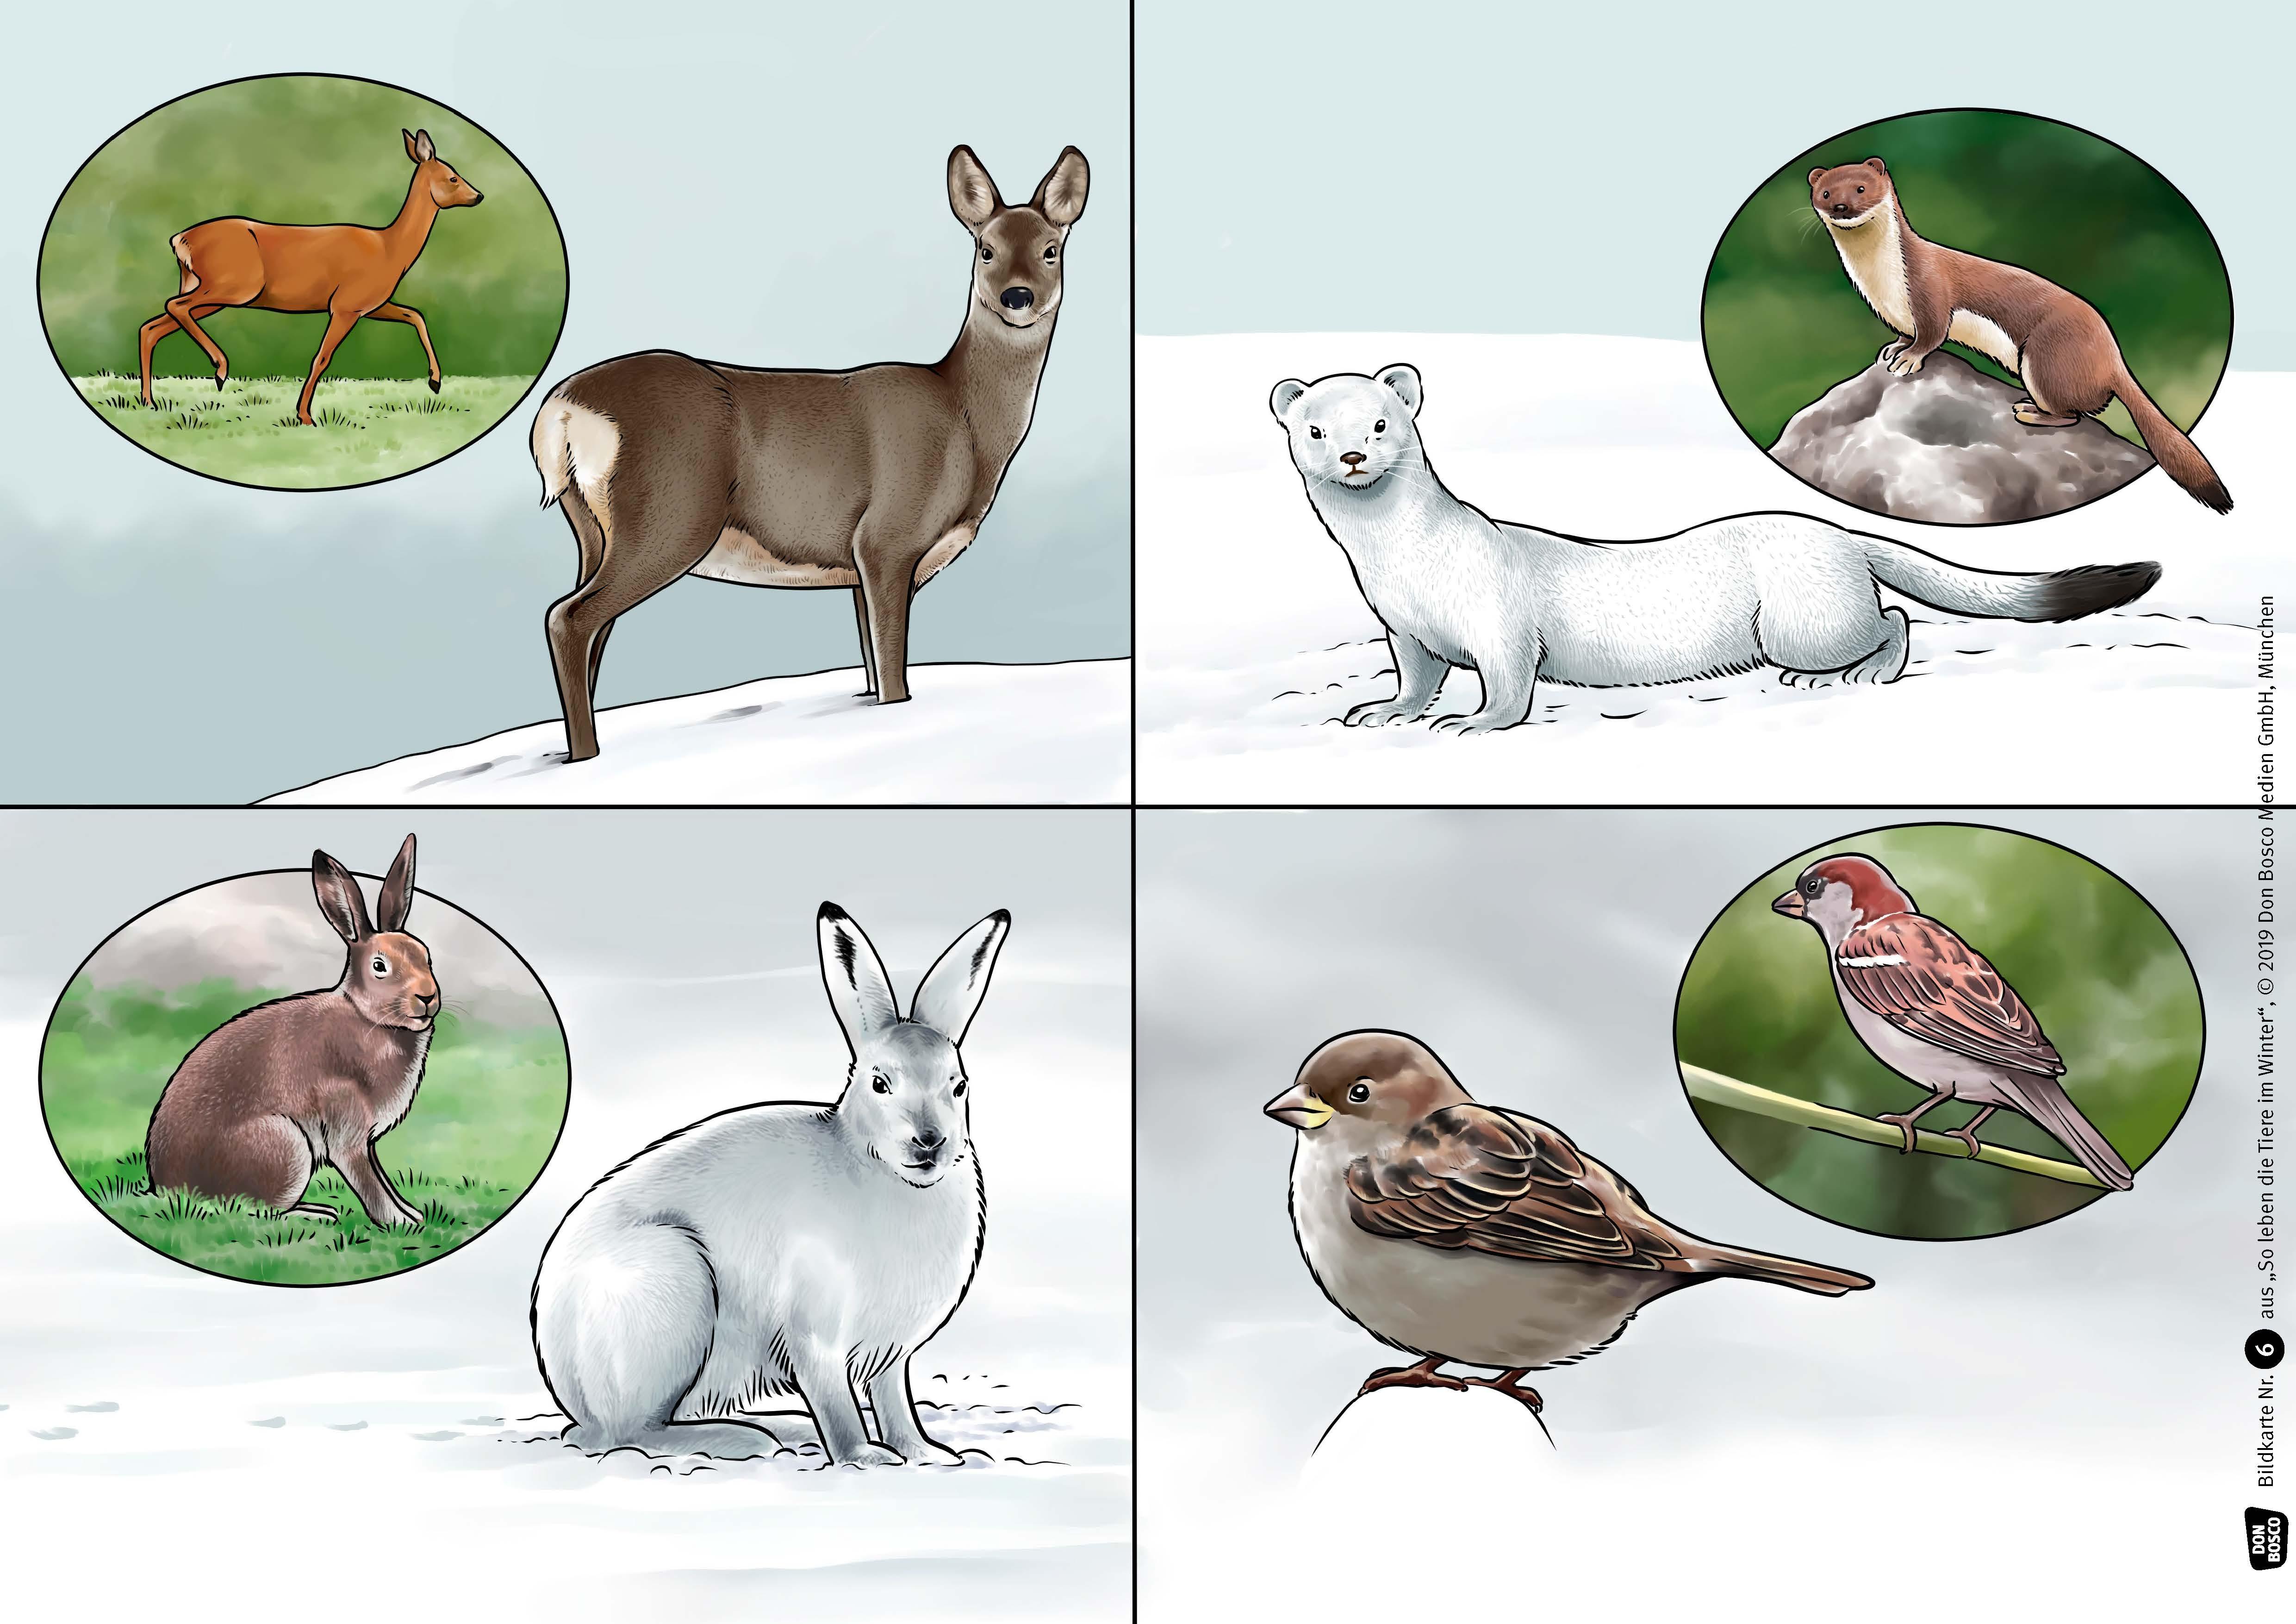 Innenansicht zu So leben die Tiere im Winter. Kamishibai Bildkartenset.